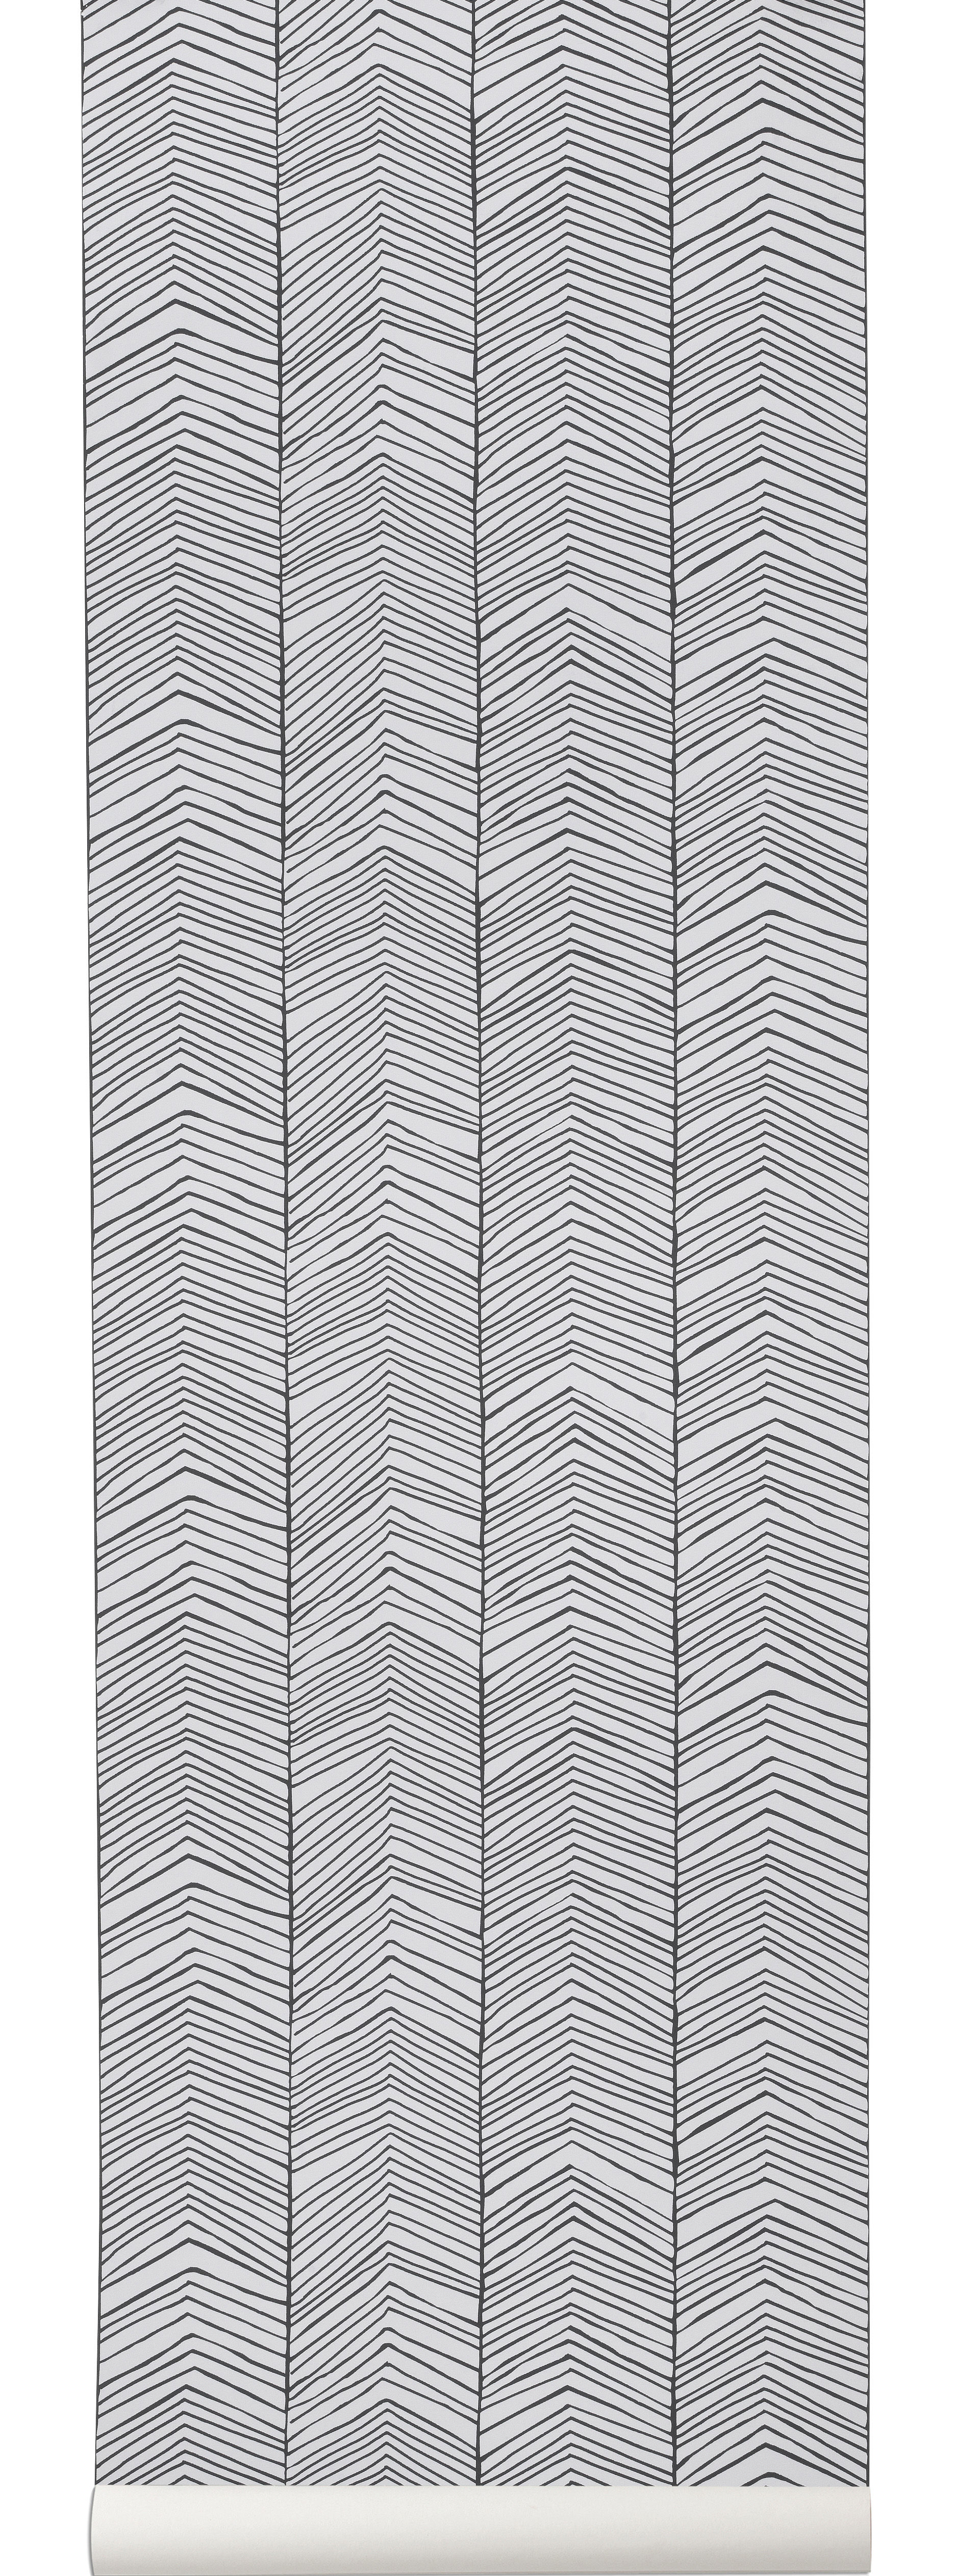 papier peint herringbone 1 rouleau larg 53 cm noir blanc ferm living. Black Bedroom Furniture Sets. Home Design Ideas